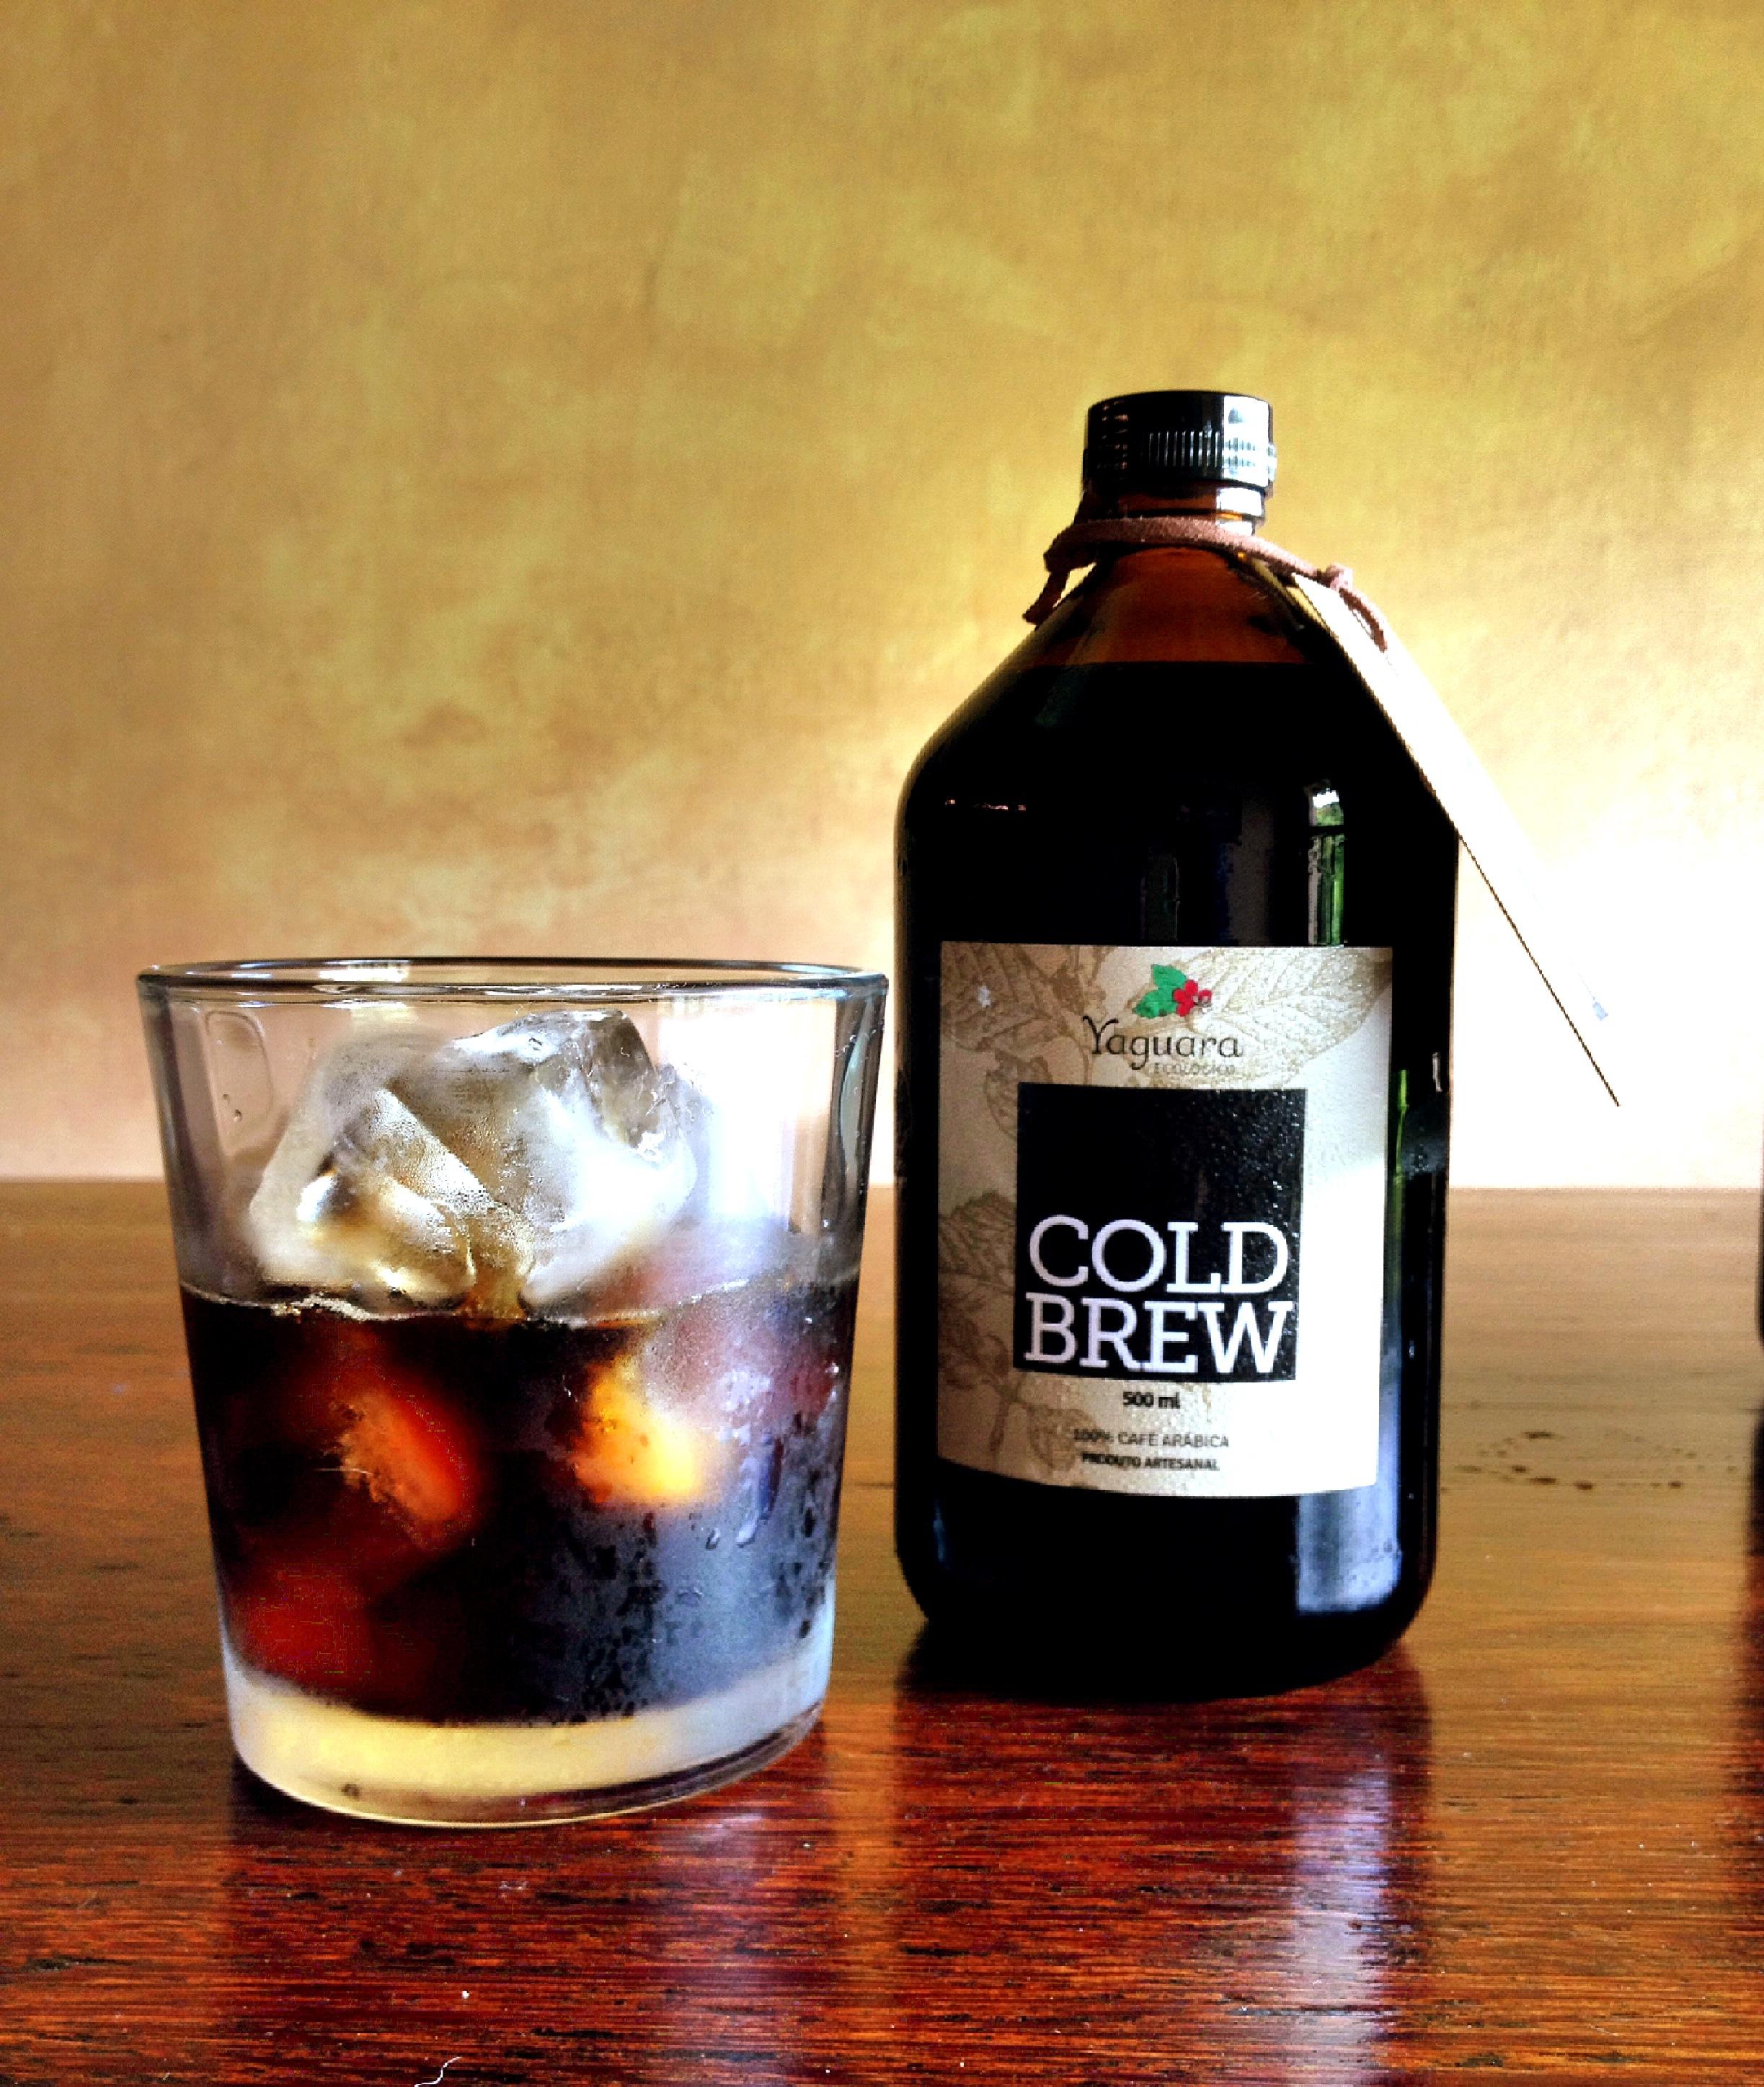 Cold Brew, a bebida